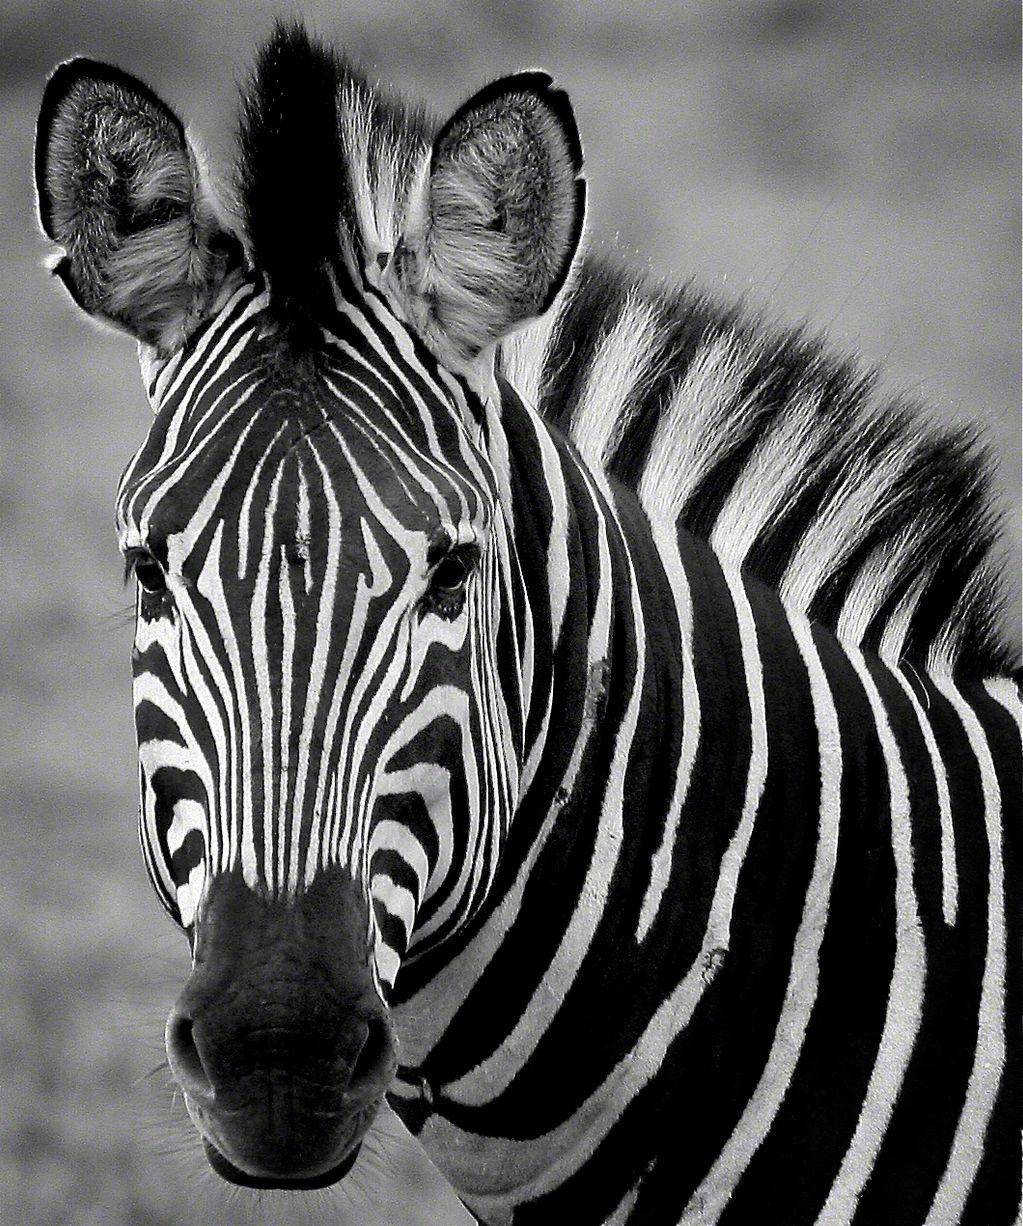 Zebra face profile - photo#1